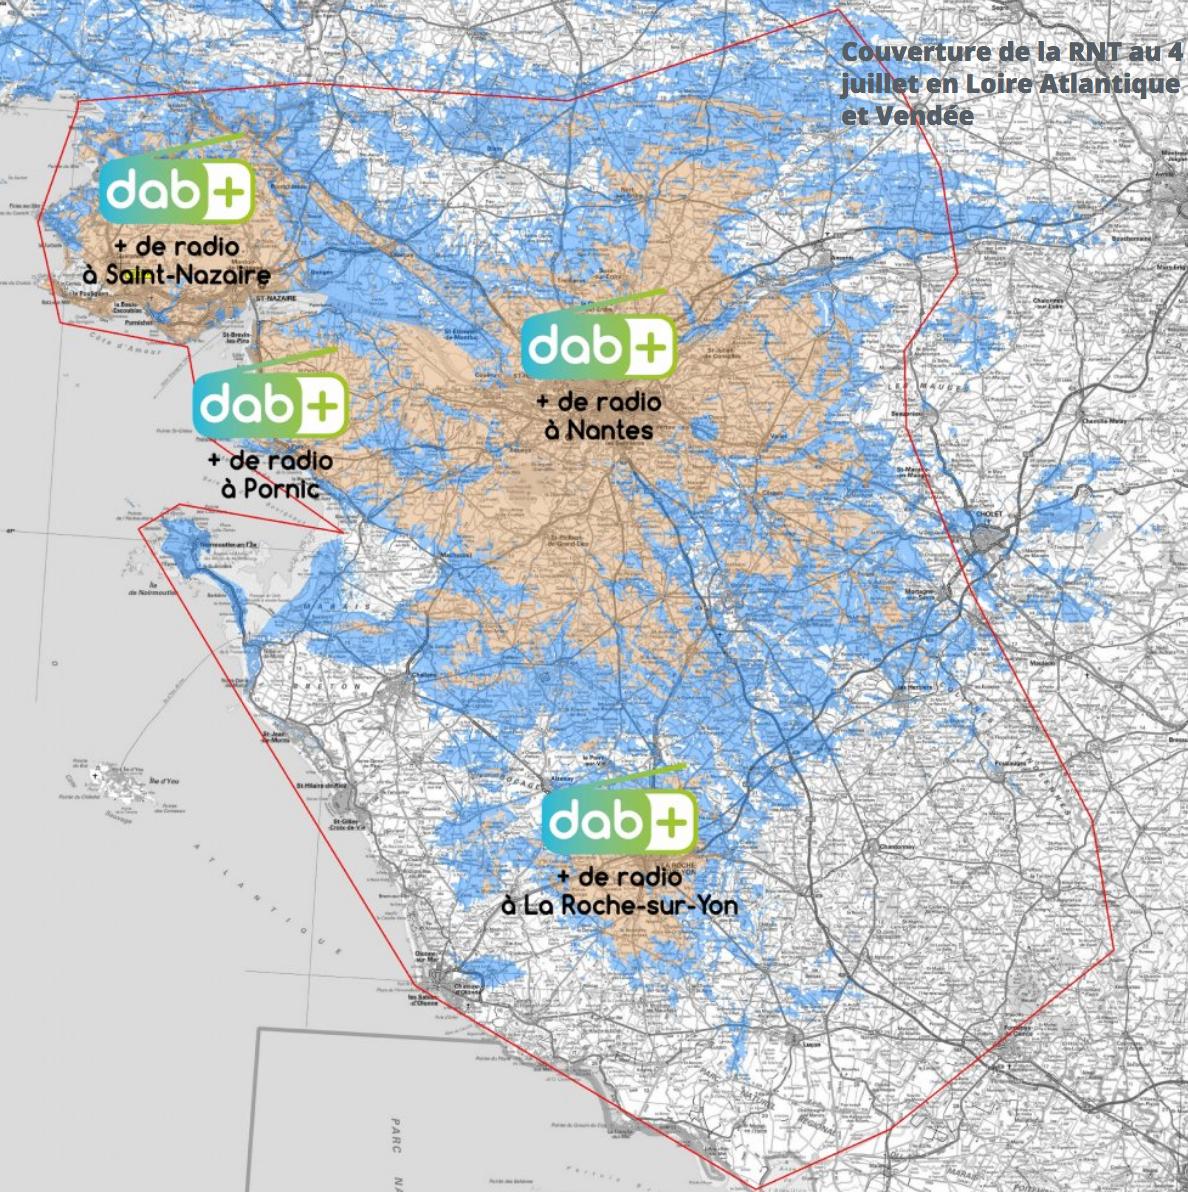 Les émetteurs DAB+ sont allumés en Loire-Atlantique